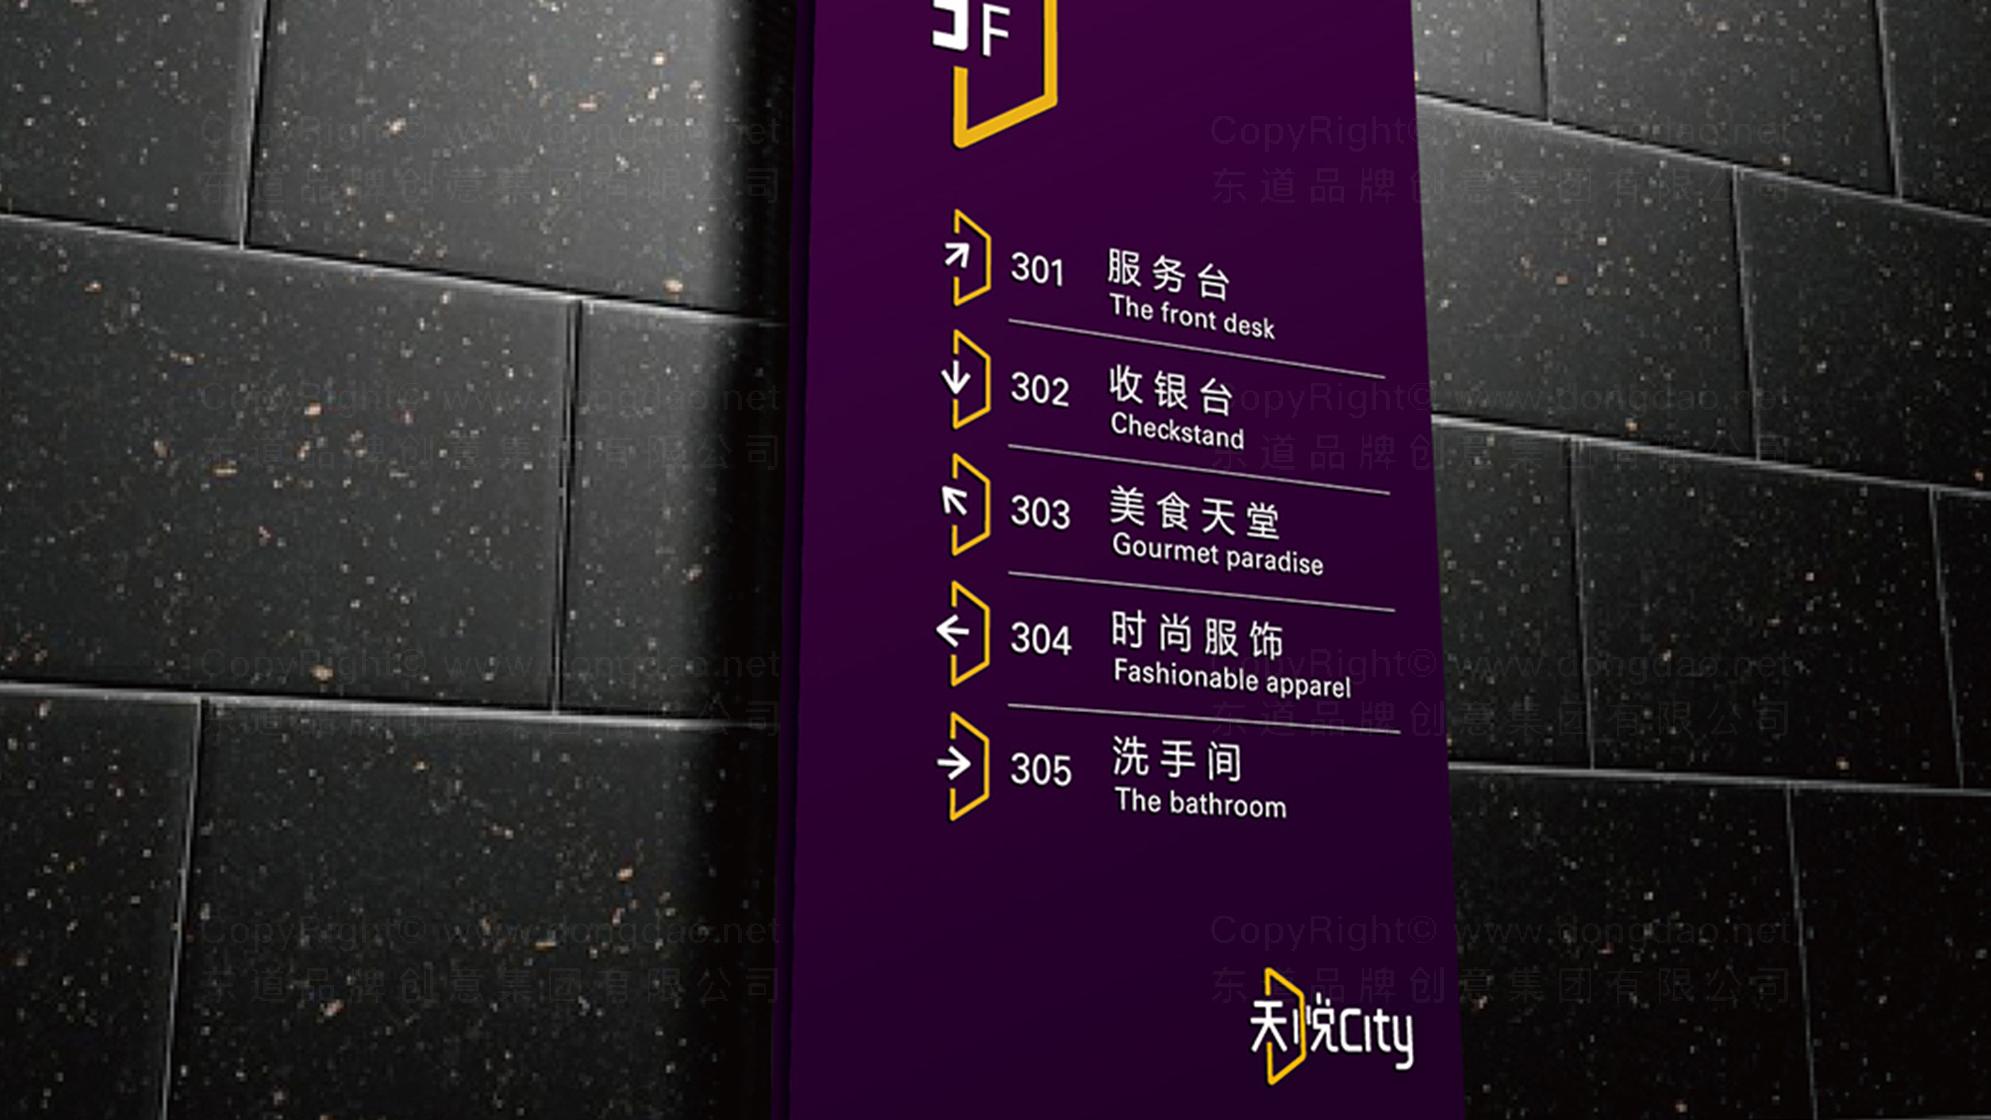 品牌设计天悦购物中心LOGO&VI设计应用场景_5